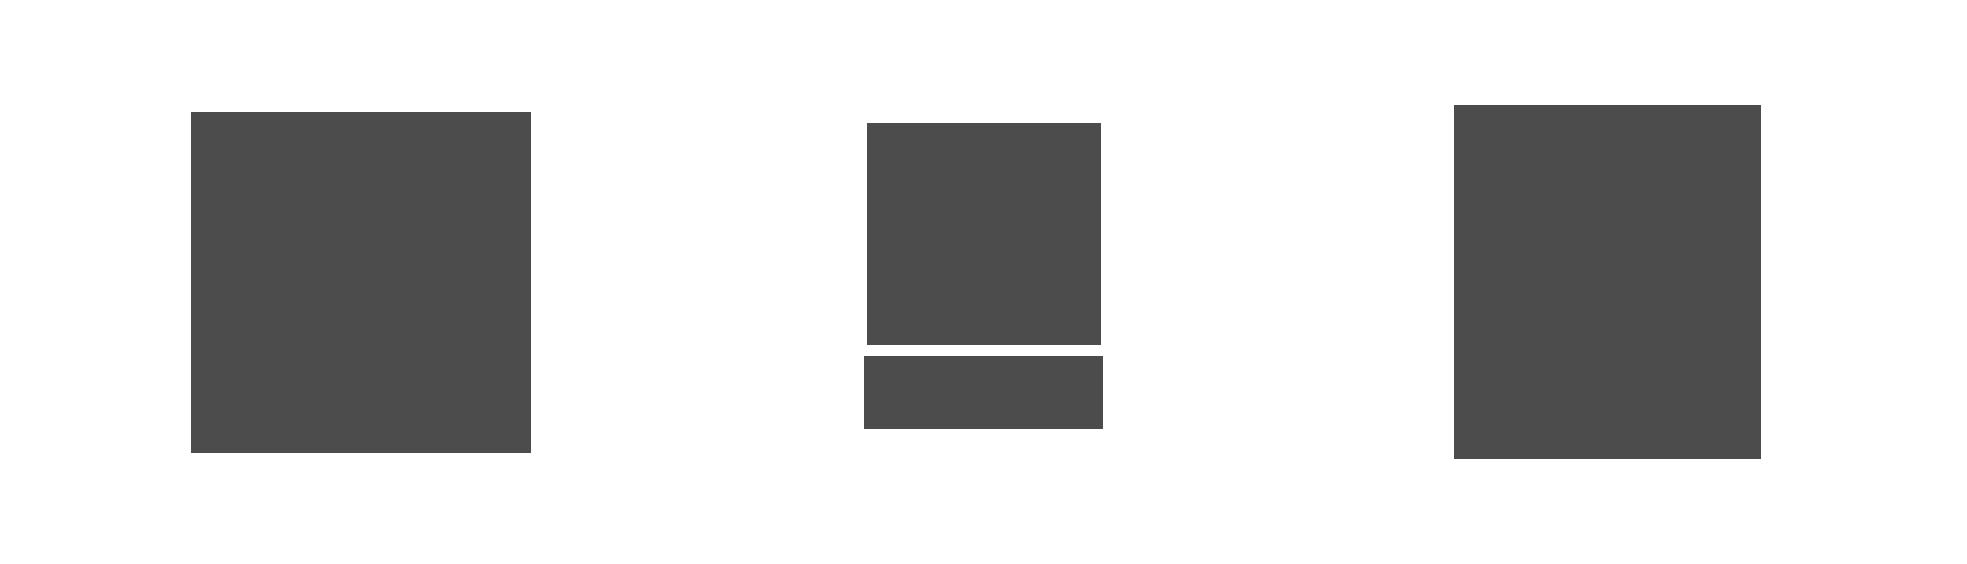 Logos Clubs 2019_09_08 beschnitten.png